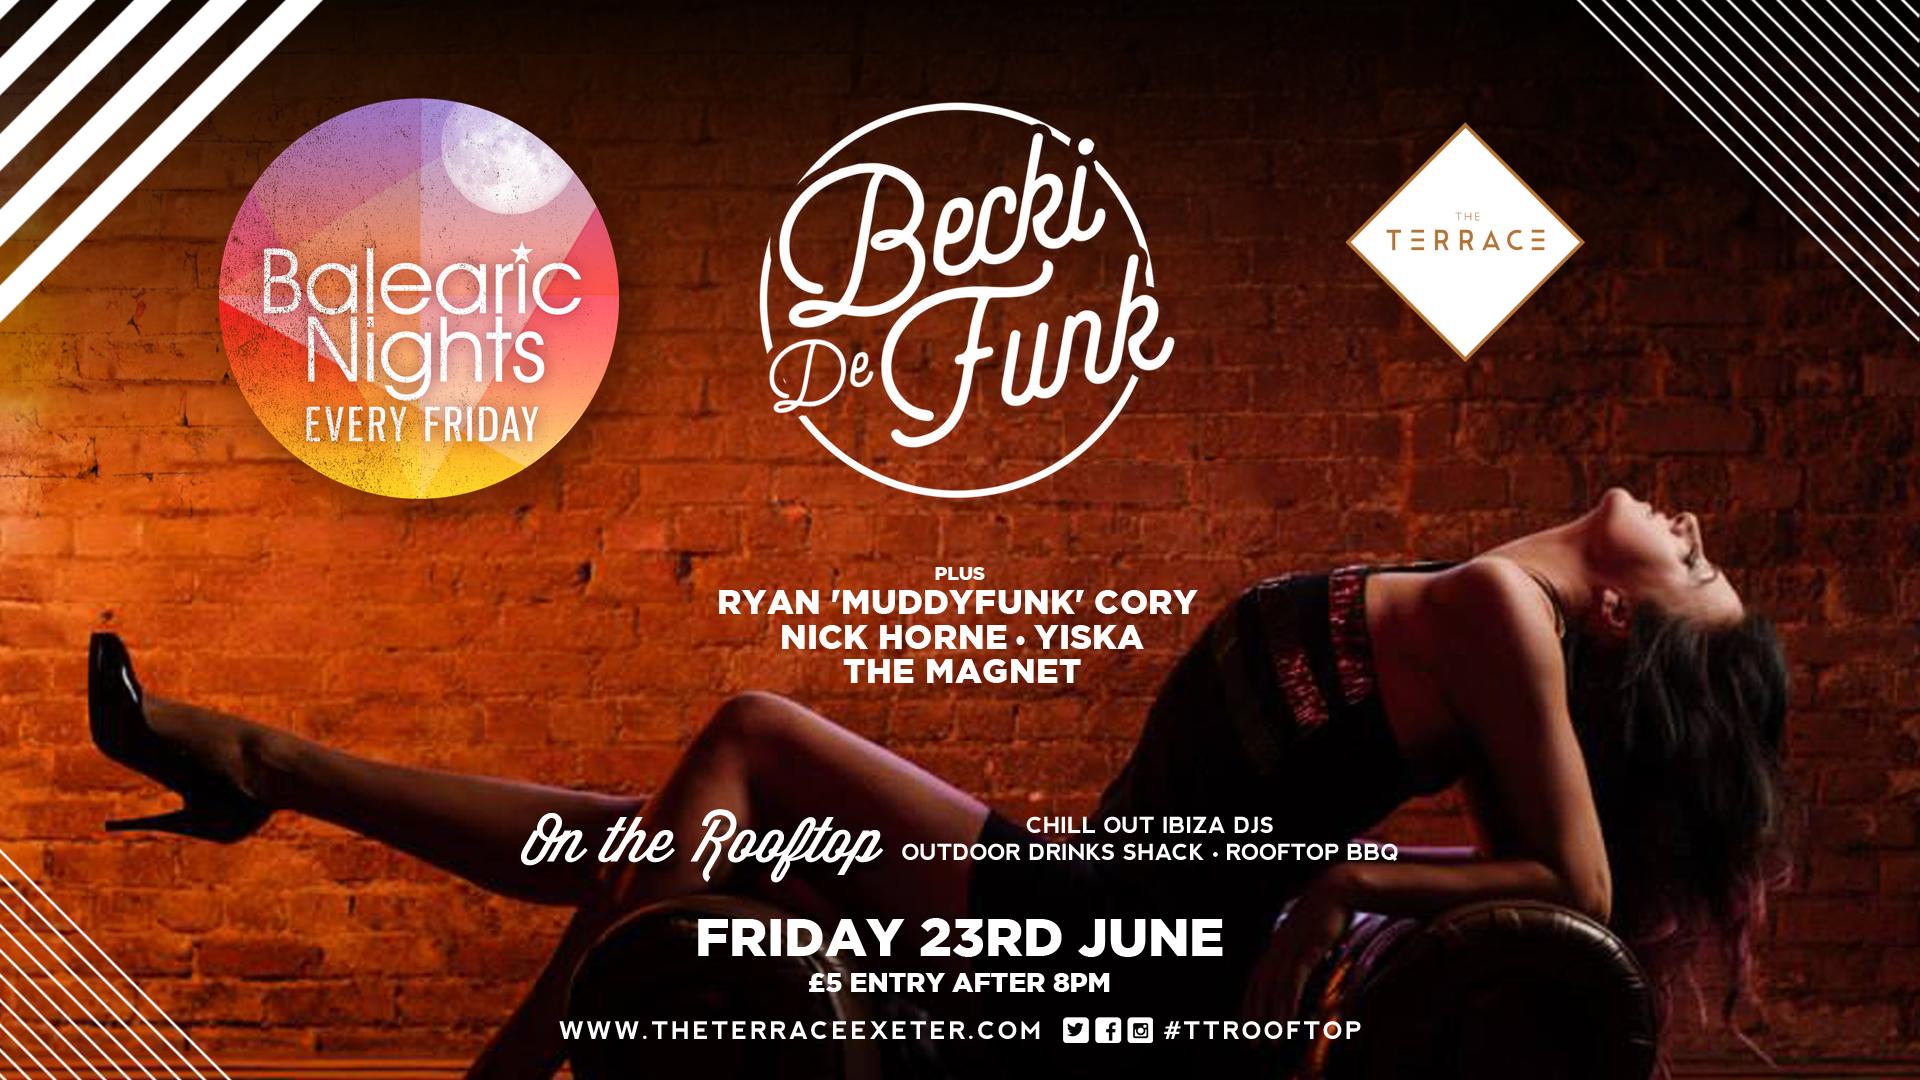 Becki De Funk (DJ Set)